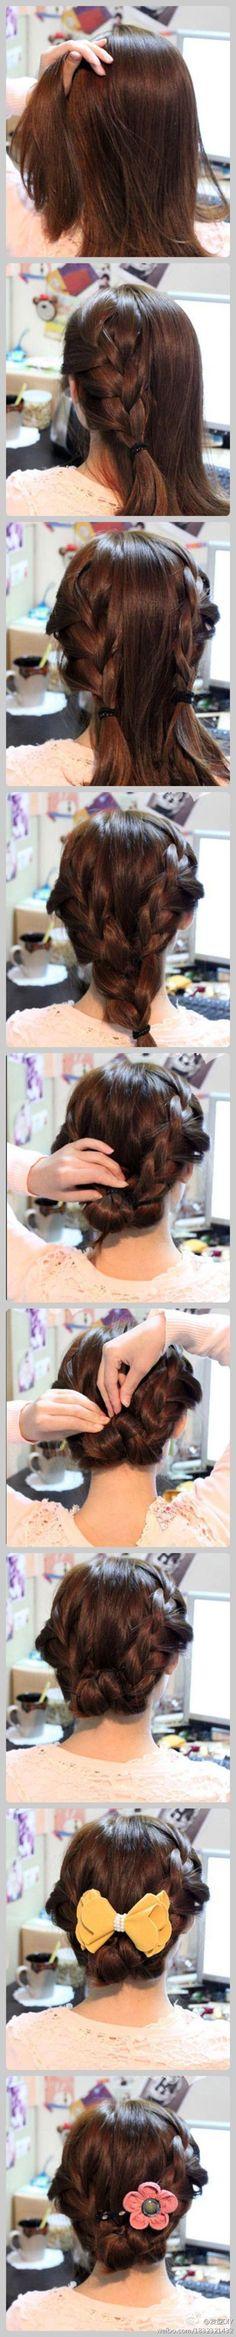 Braided updo hair tutorial: